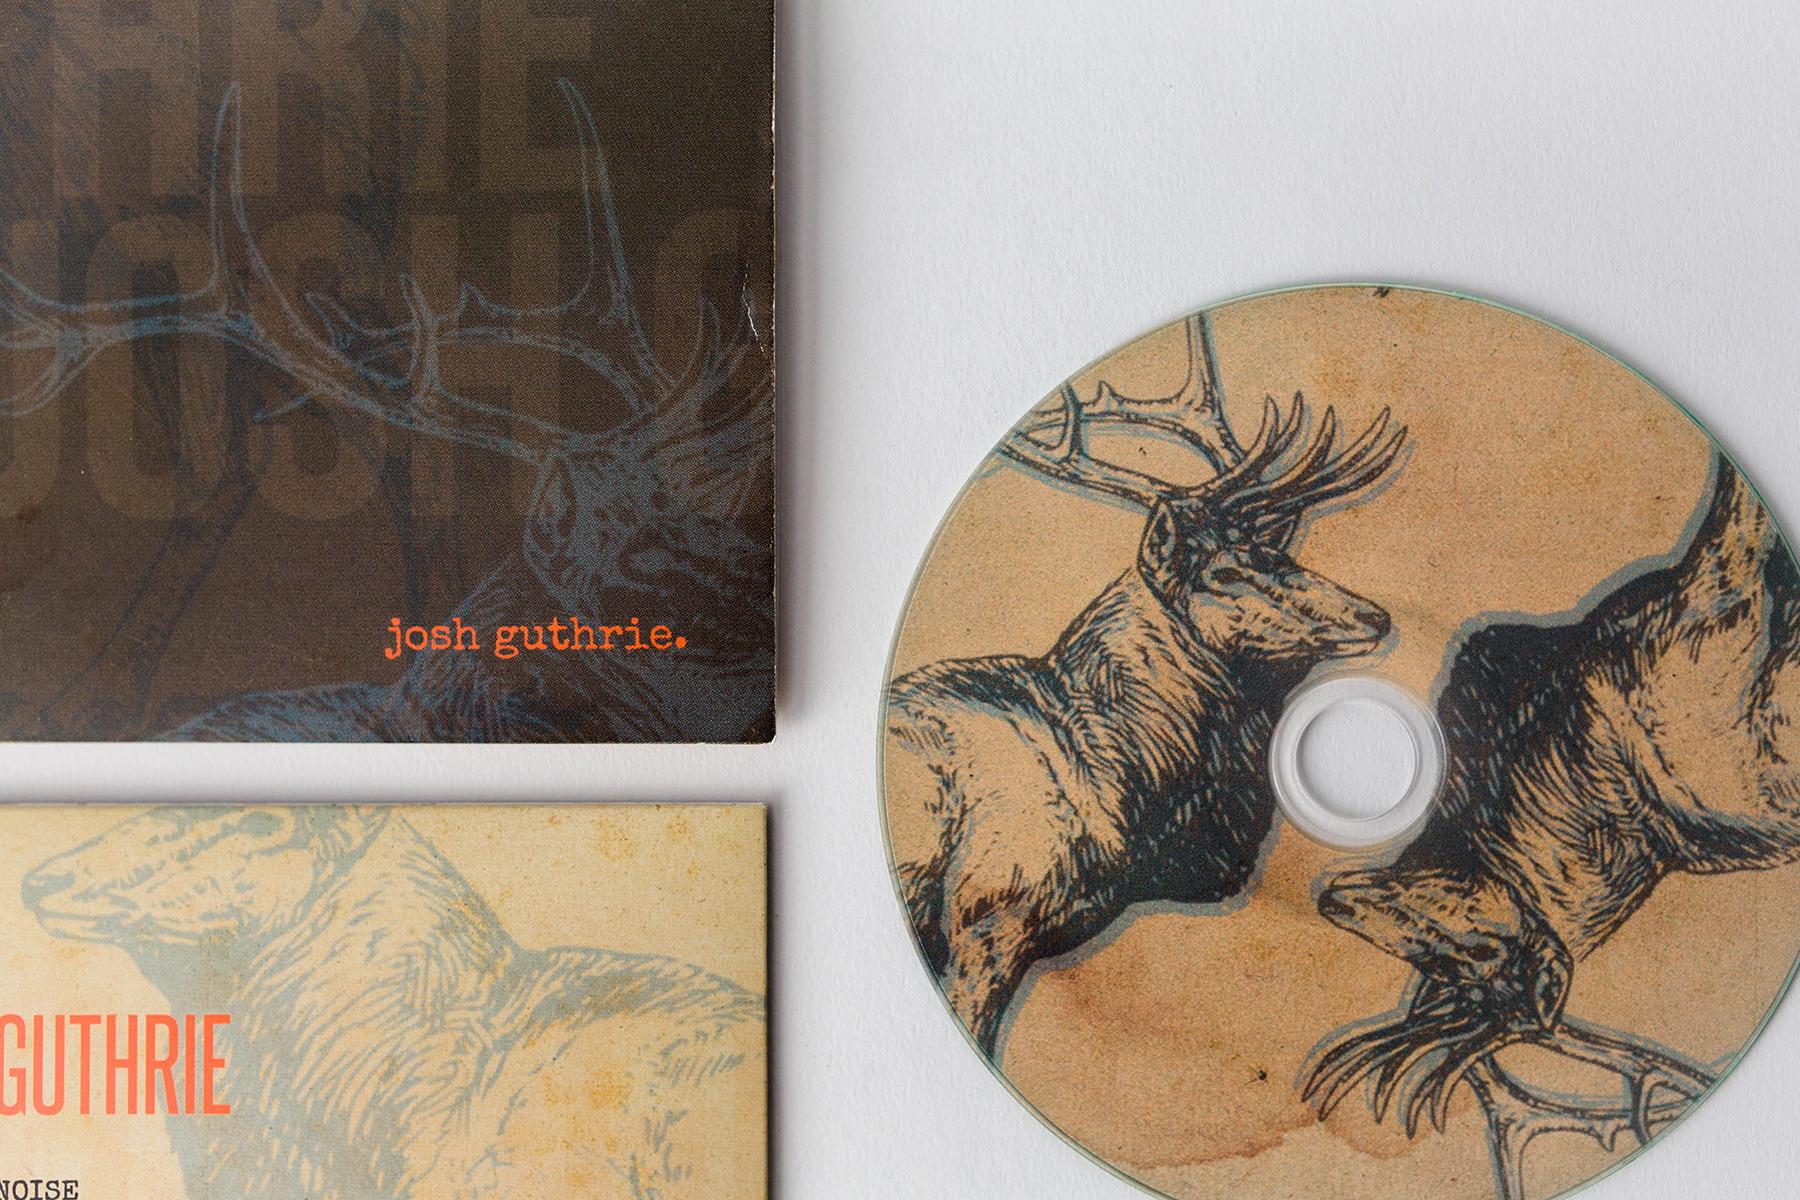 Josh Guthrie album